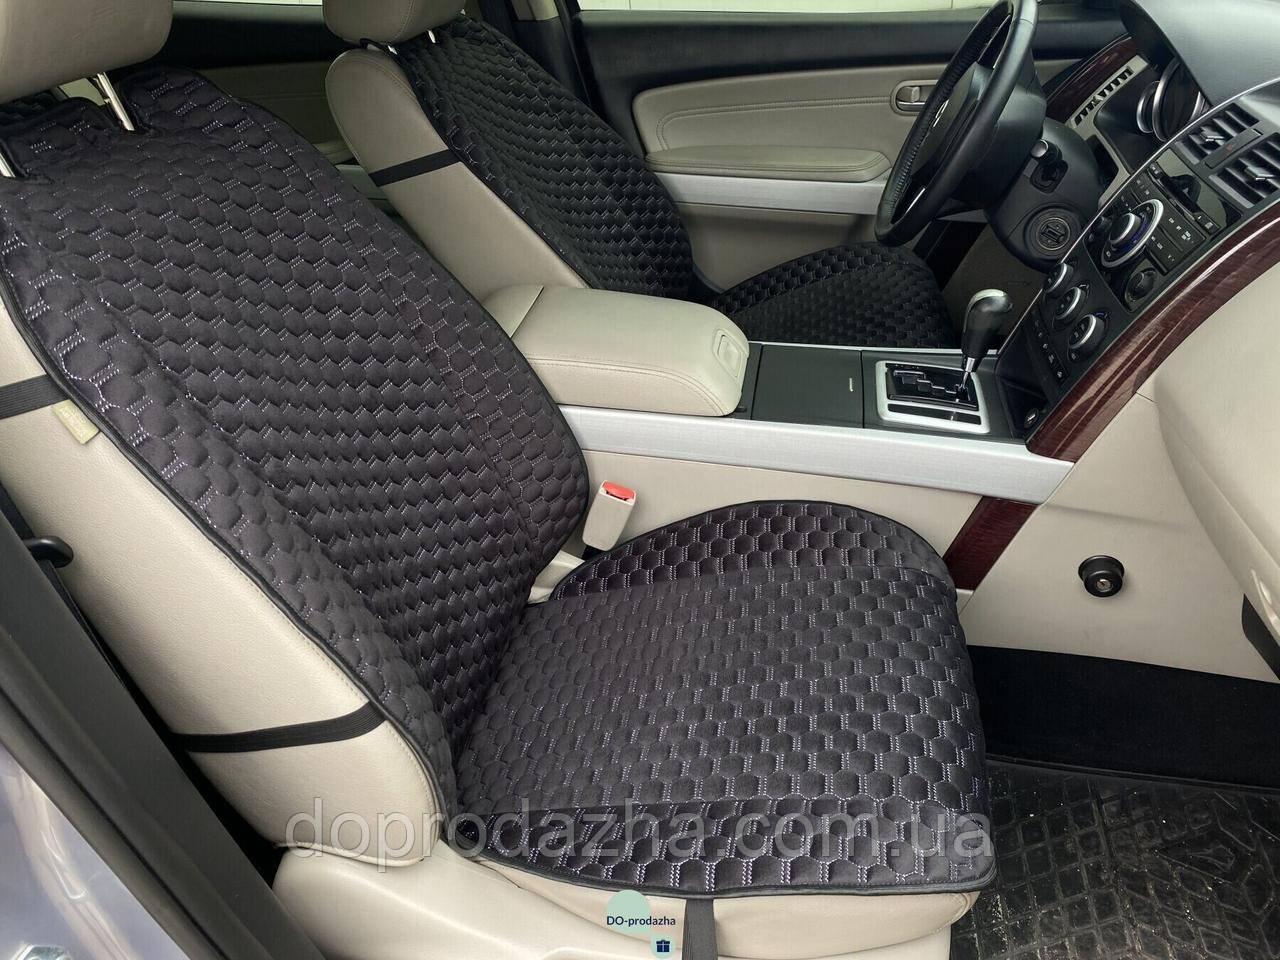 Накидки на сидіння з алькантари Lux (штучної замші), Чорний, білі стільники. Преміум +. 1 передня